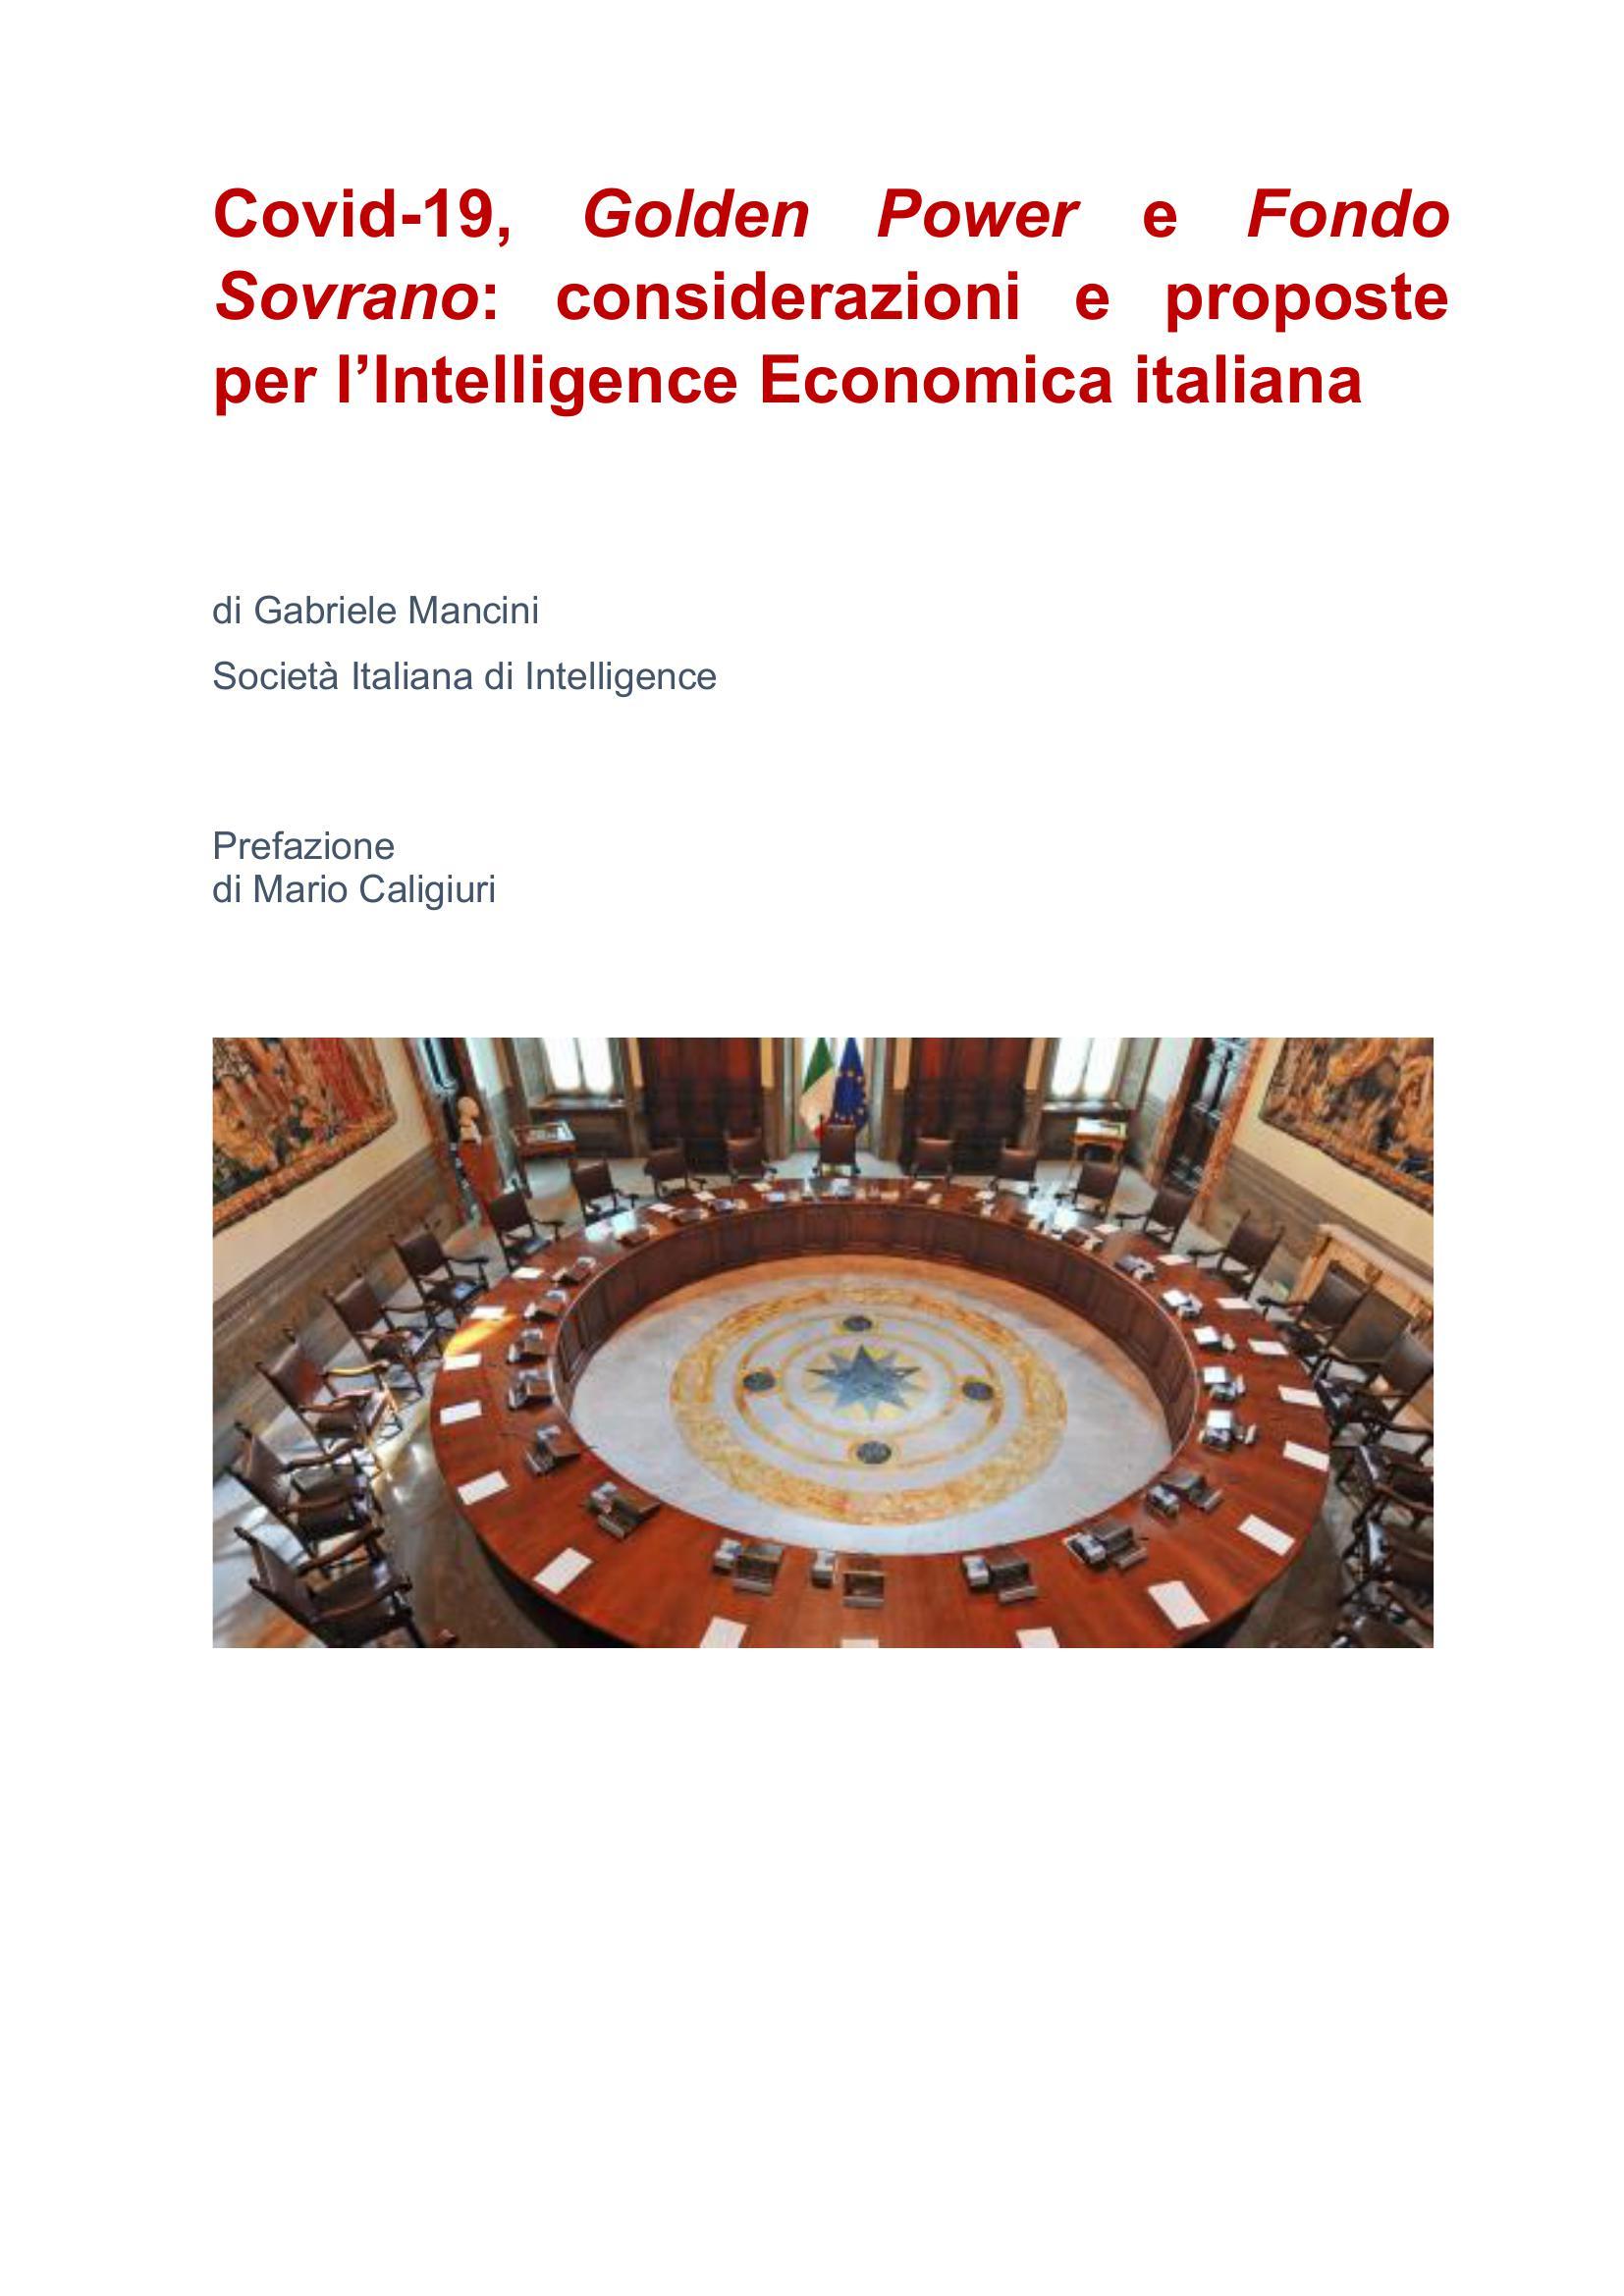 Covid-19, Golden Power e Fondo Sovrano: considerazioni e proposte per un'Intelligence Economica italiana